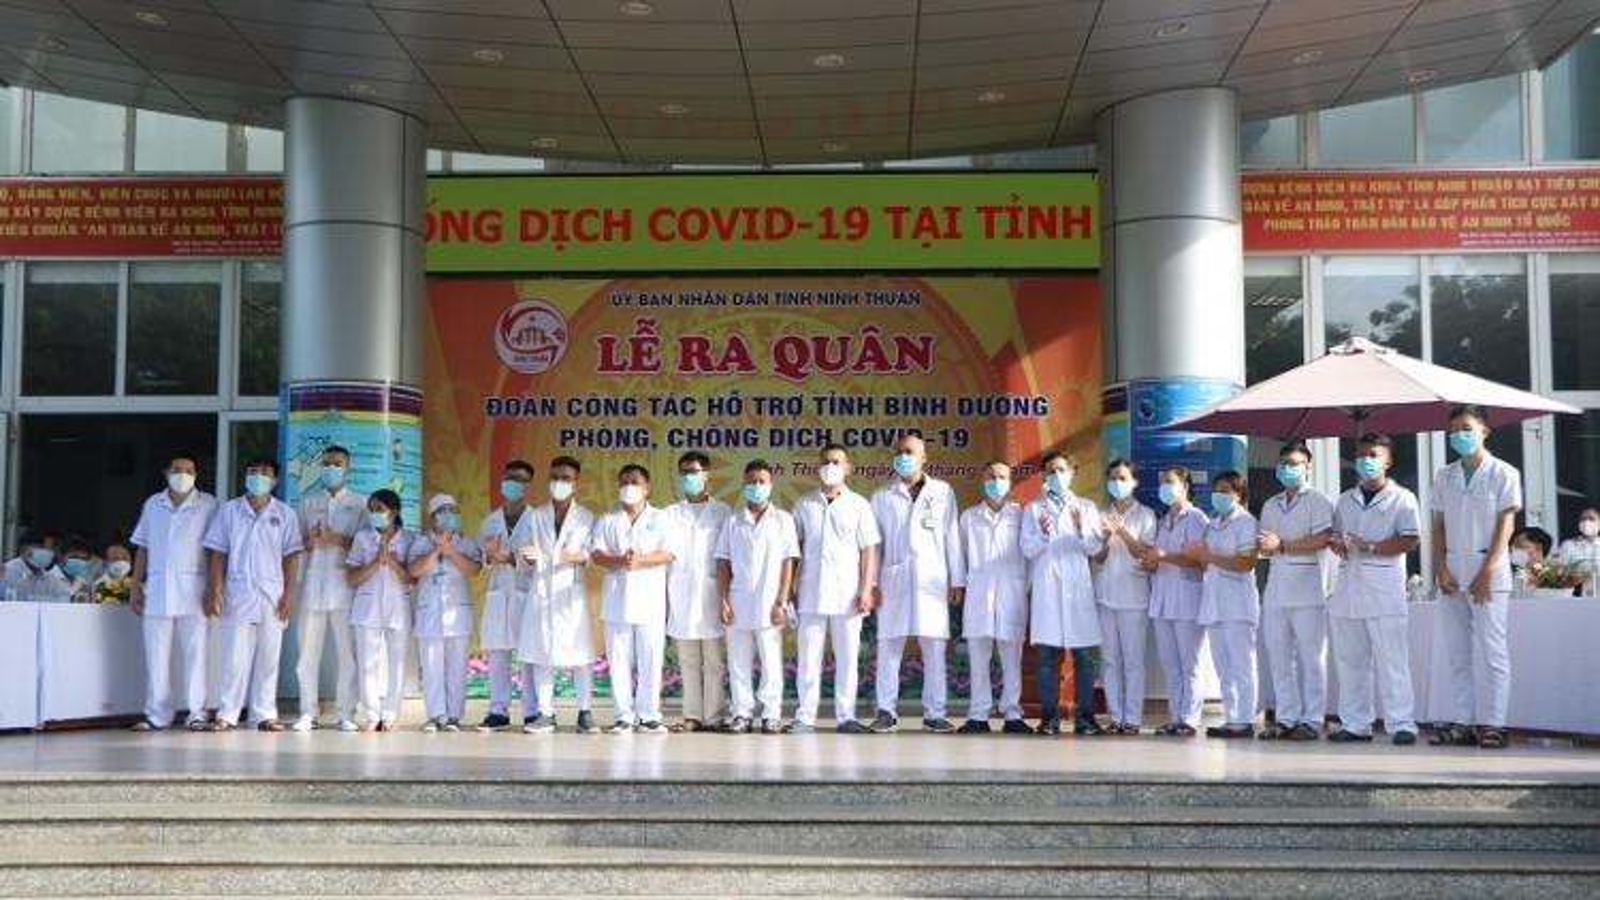 Đoàn y bác sĩ Ninh Thuận lên đường hỗ trợ Bình Dương chống dịch